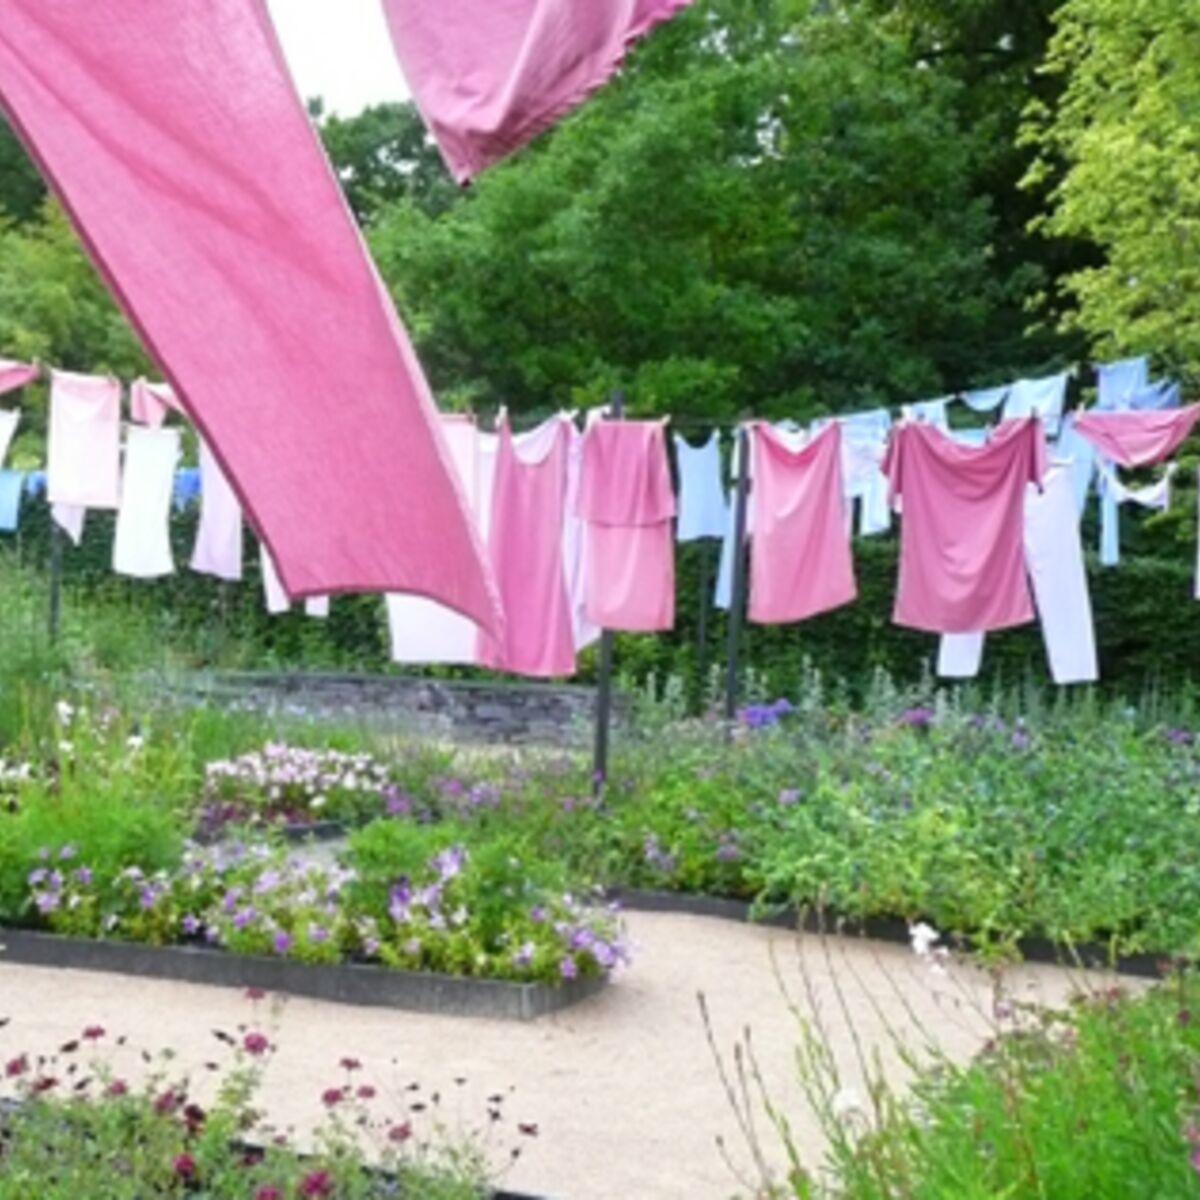 Festival Des Jardins Chaumont Sur Loire 2009 chaumont-sur-loire : un festival de couleurs pour les